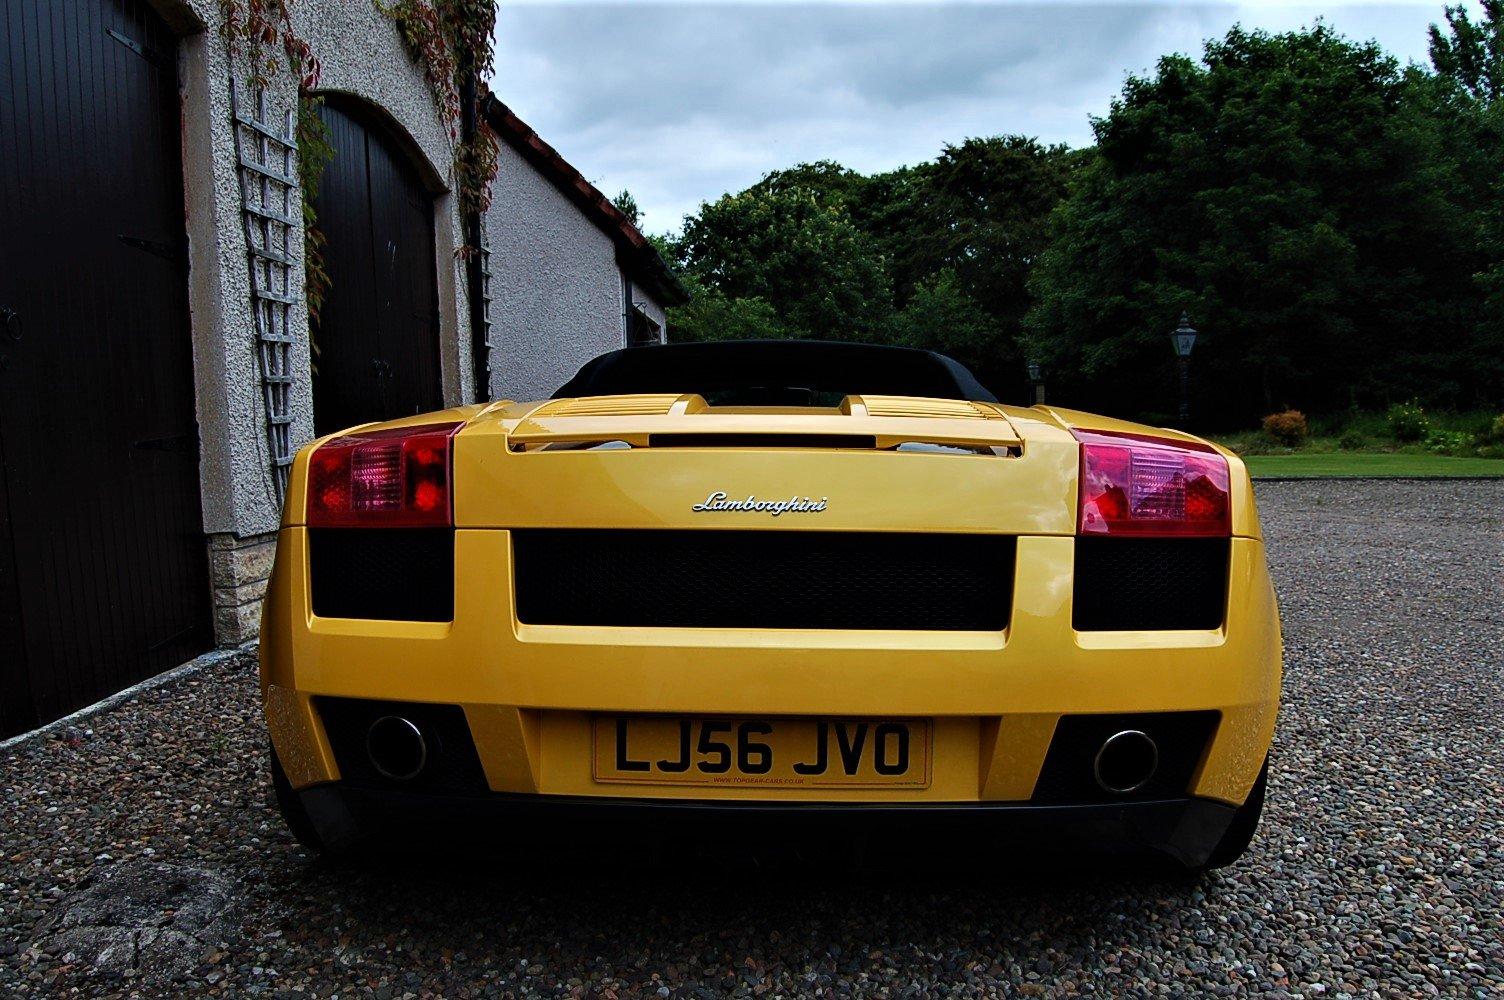 2006 Lamborghini Gallardo Spider Manual For Sale (picture 6 of 6)